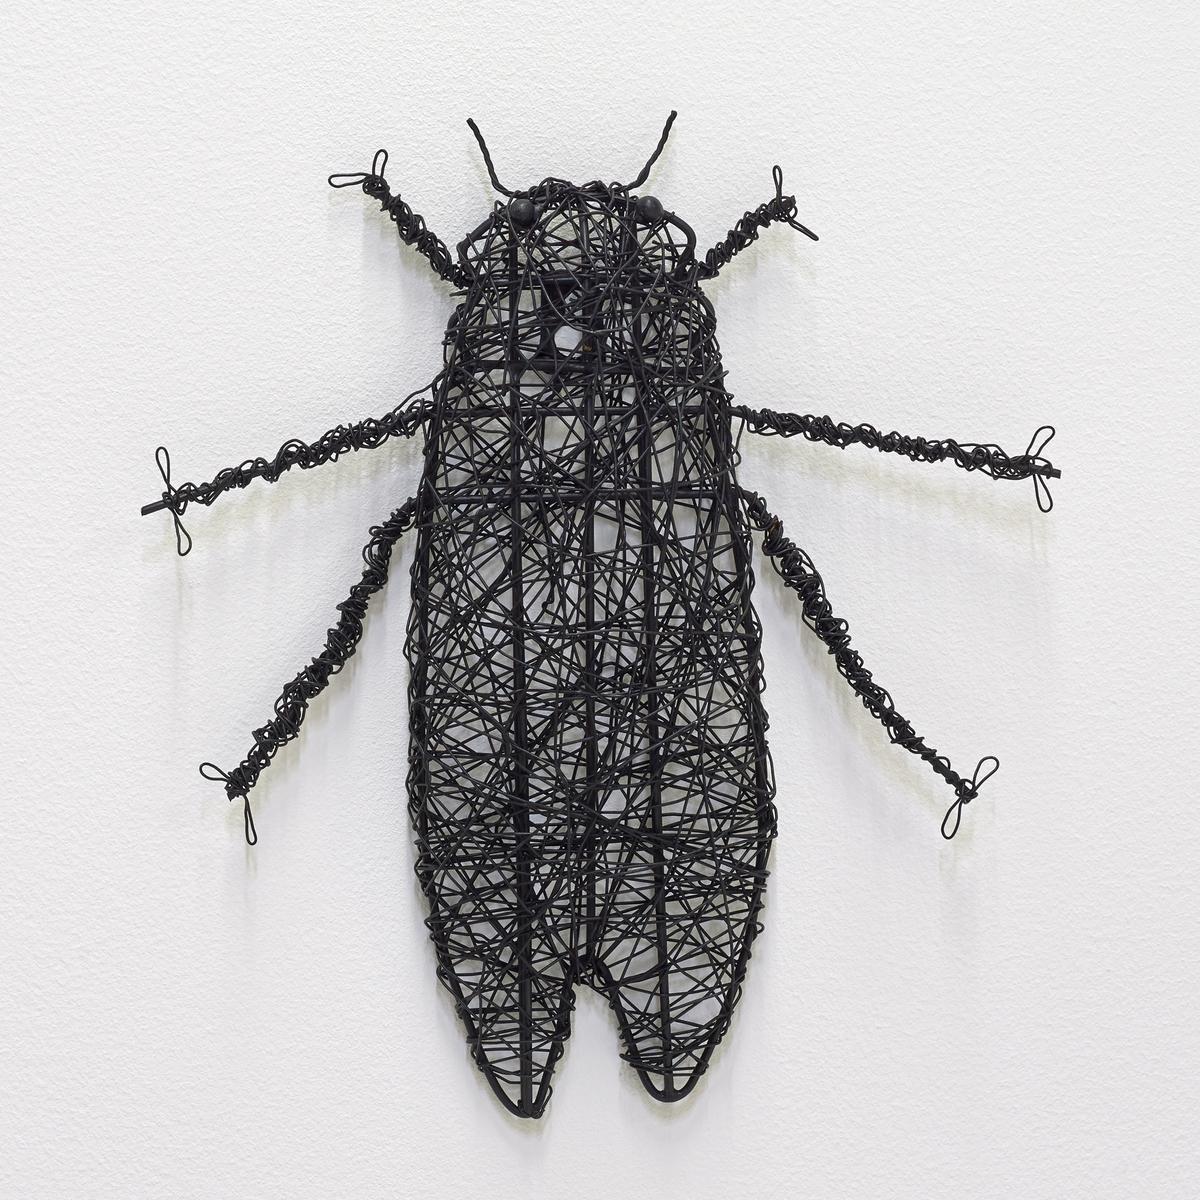 Насекомое металлическое MichiЦикада.Из чёрного металла.Можно поставить или прикрепить на стену .Размеры:. 16 x 26 x 3 см.<br><br>Цвет: металл черный